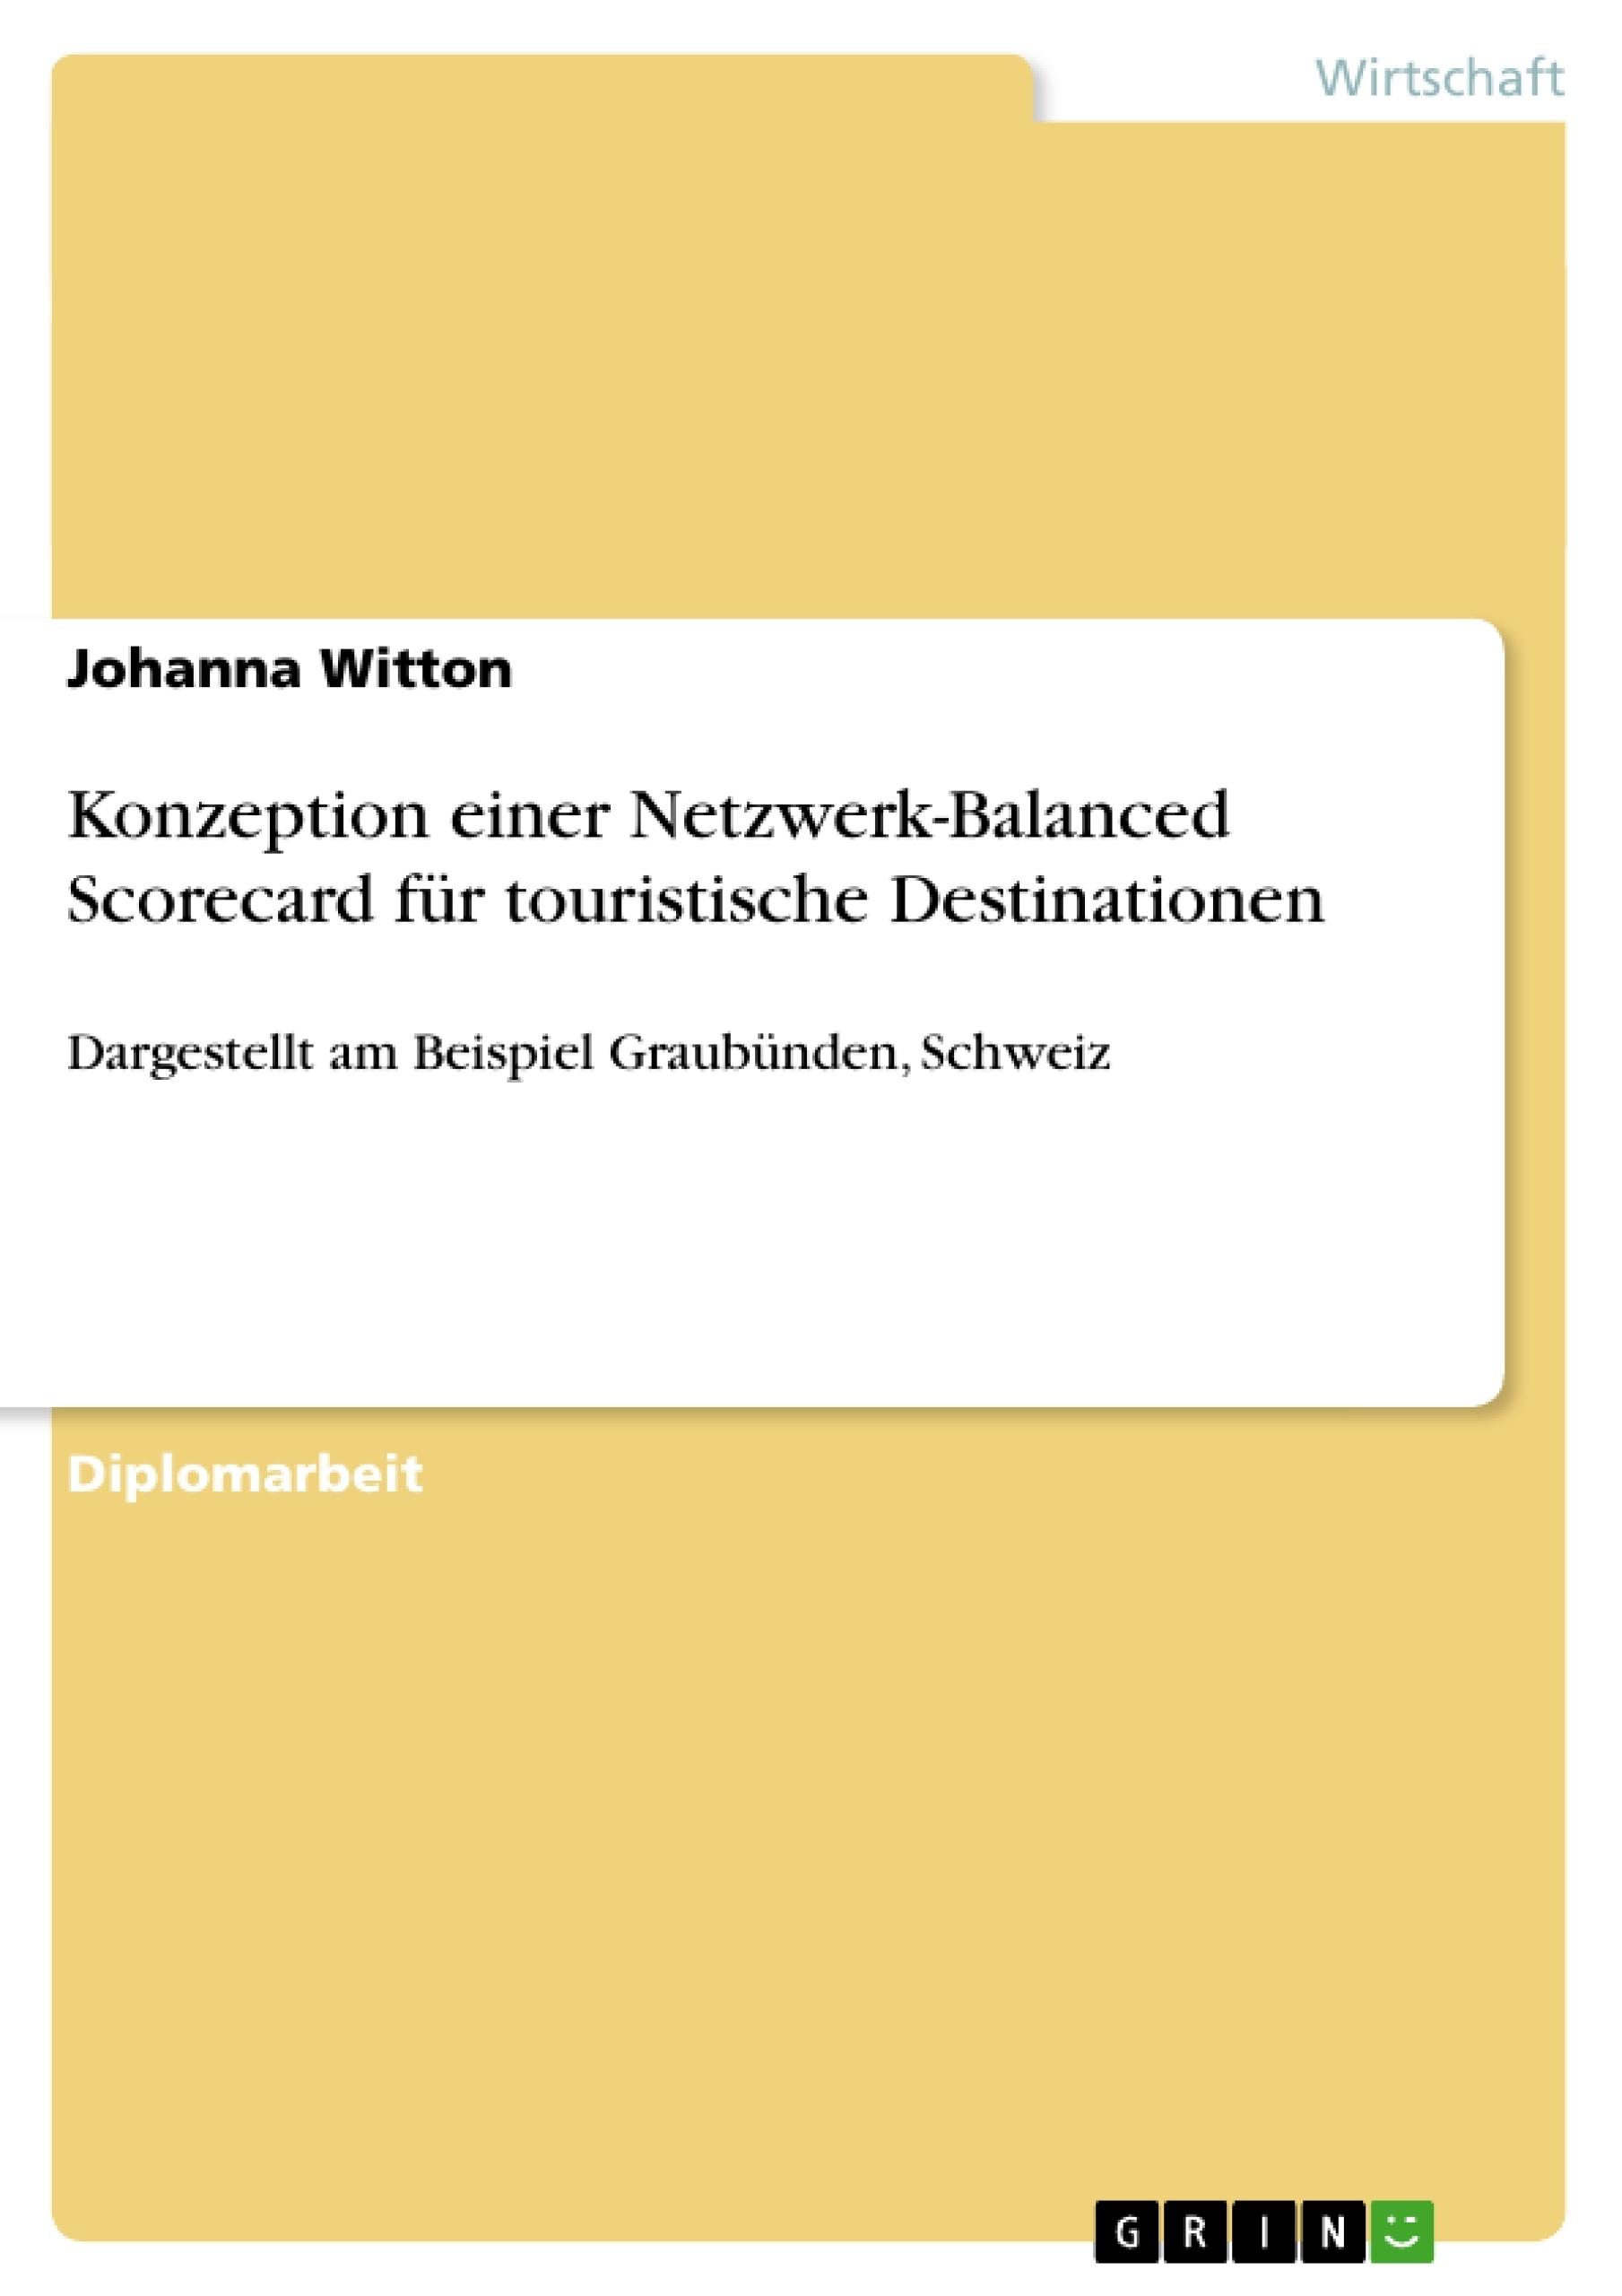 Titel: Konzeption einer Netzwerk-Balanced Scorecard für touristische Destinationen